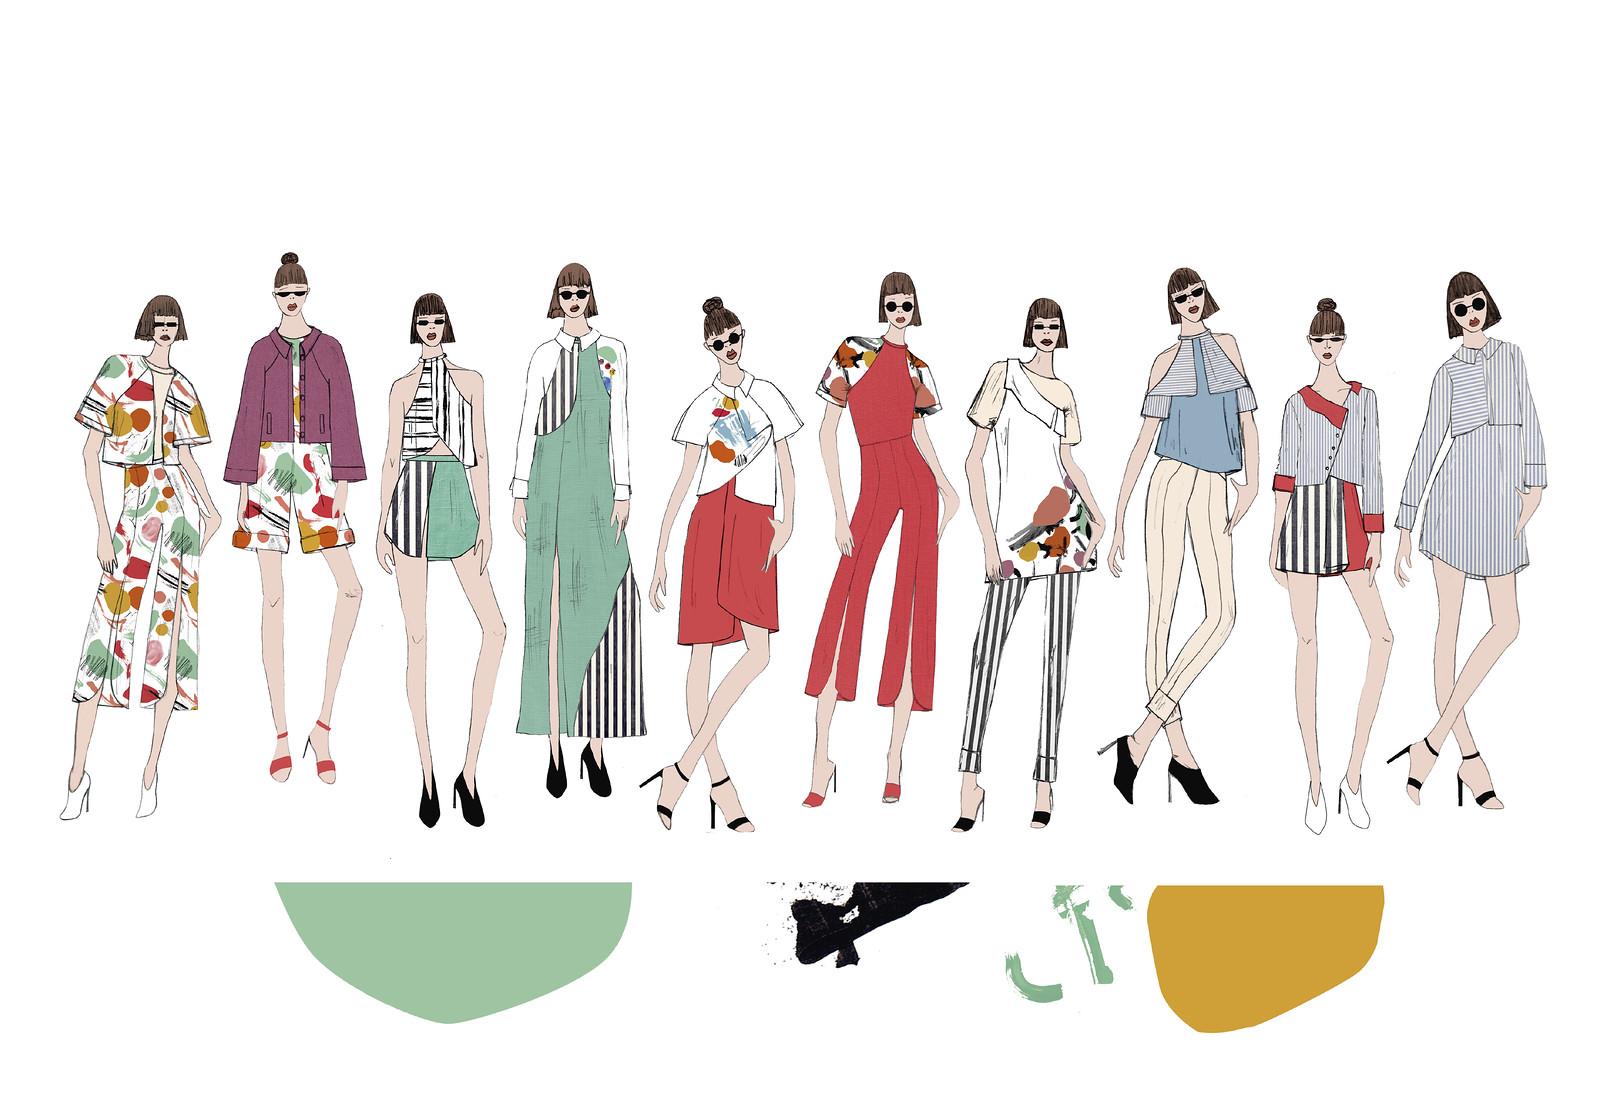 Recreación 19 - Paspartú, para Bervena, proyecto de Pía Langenhin, de la Licenciatura en Diseño de Modas